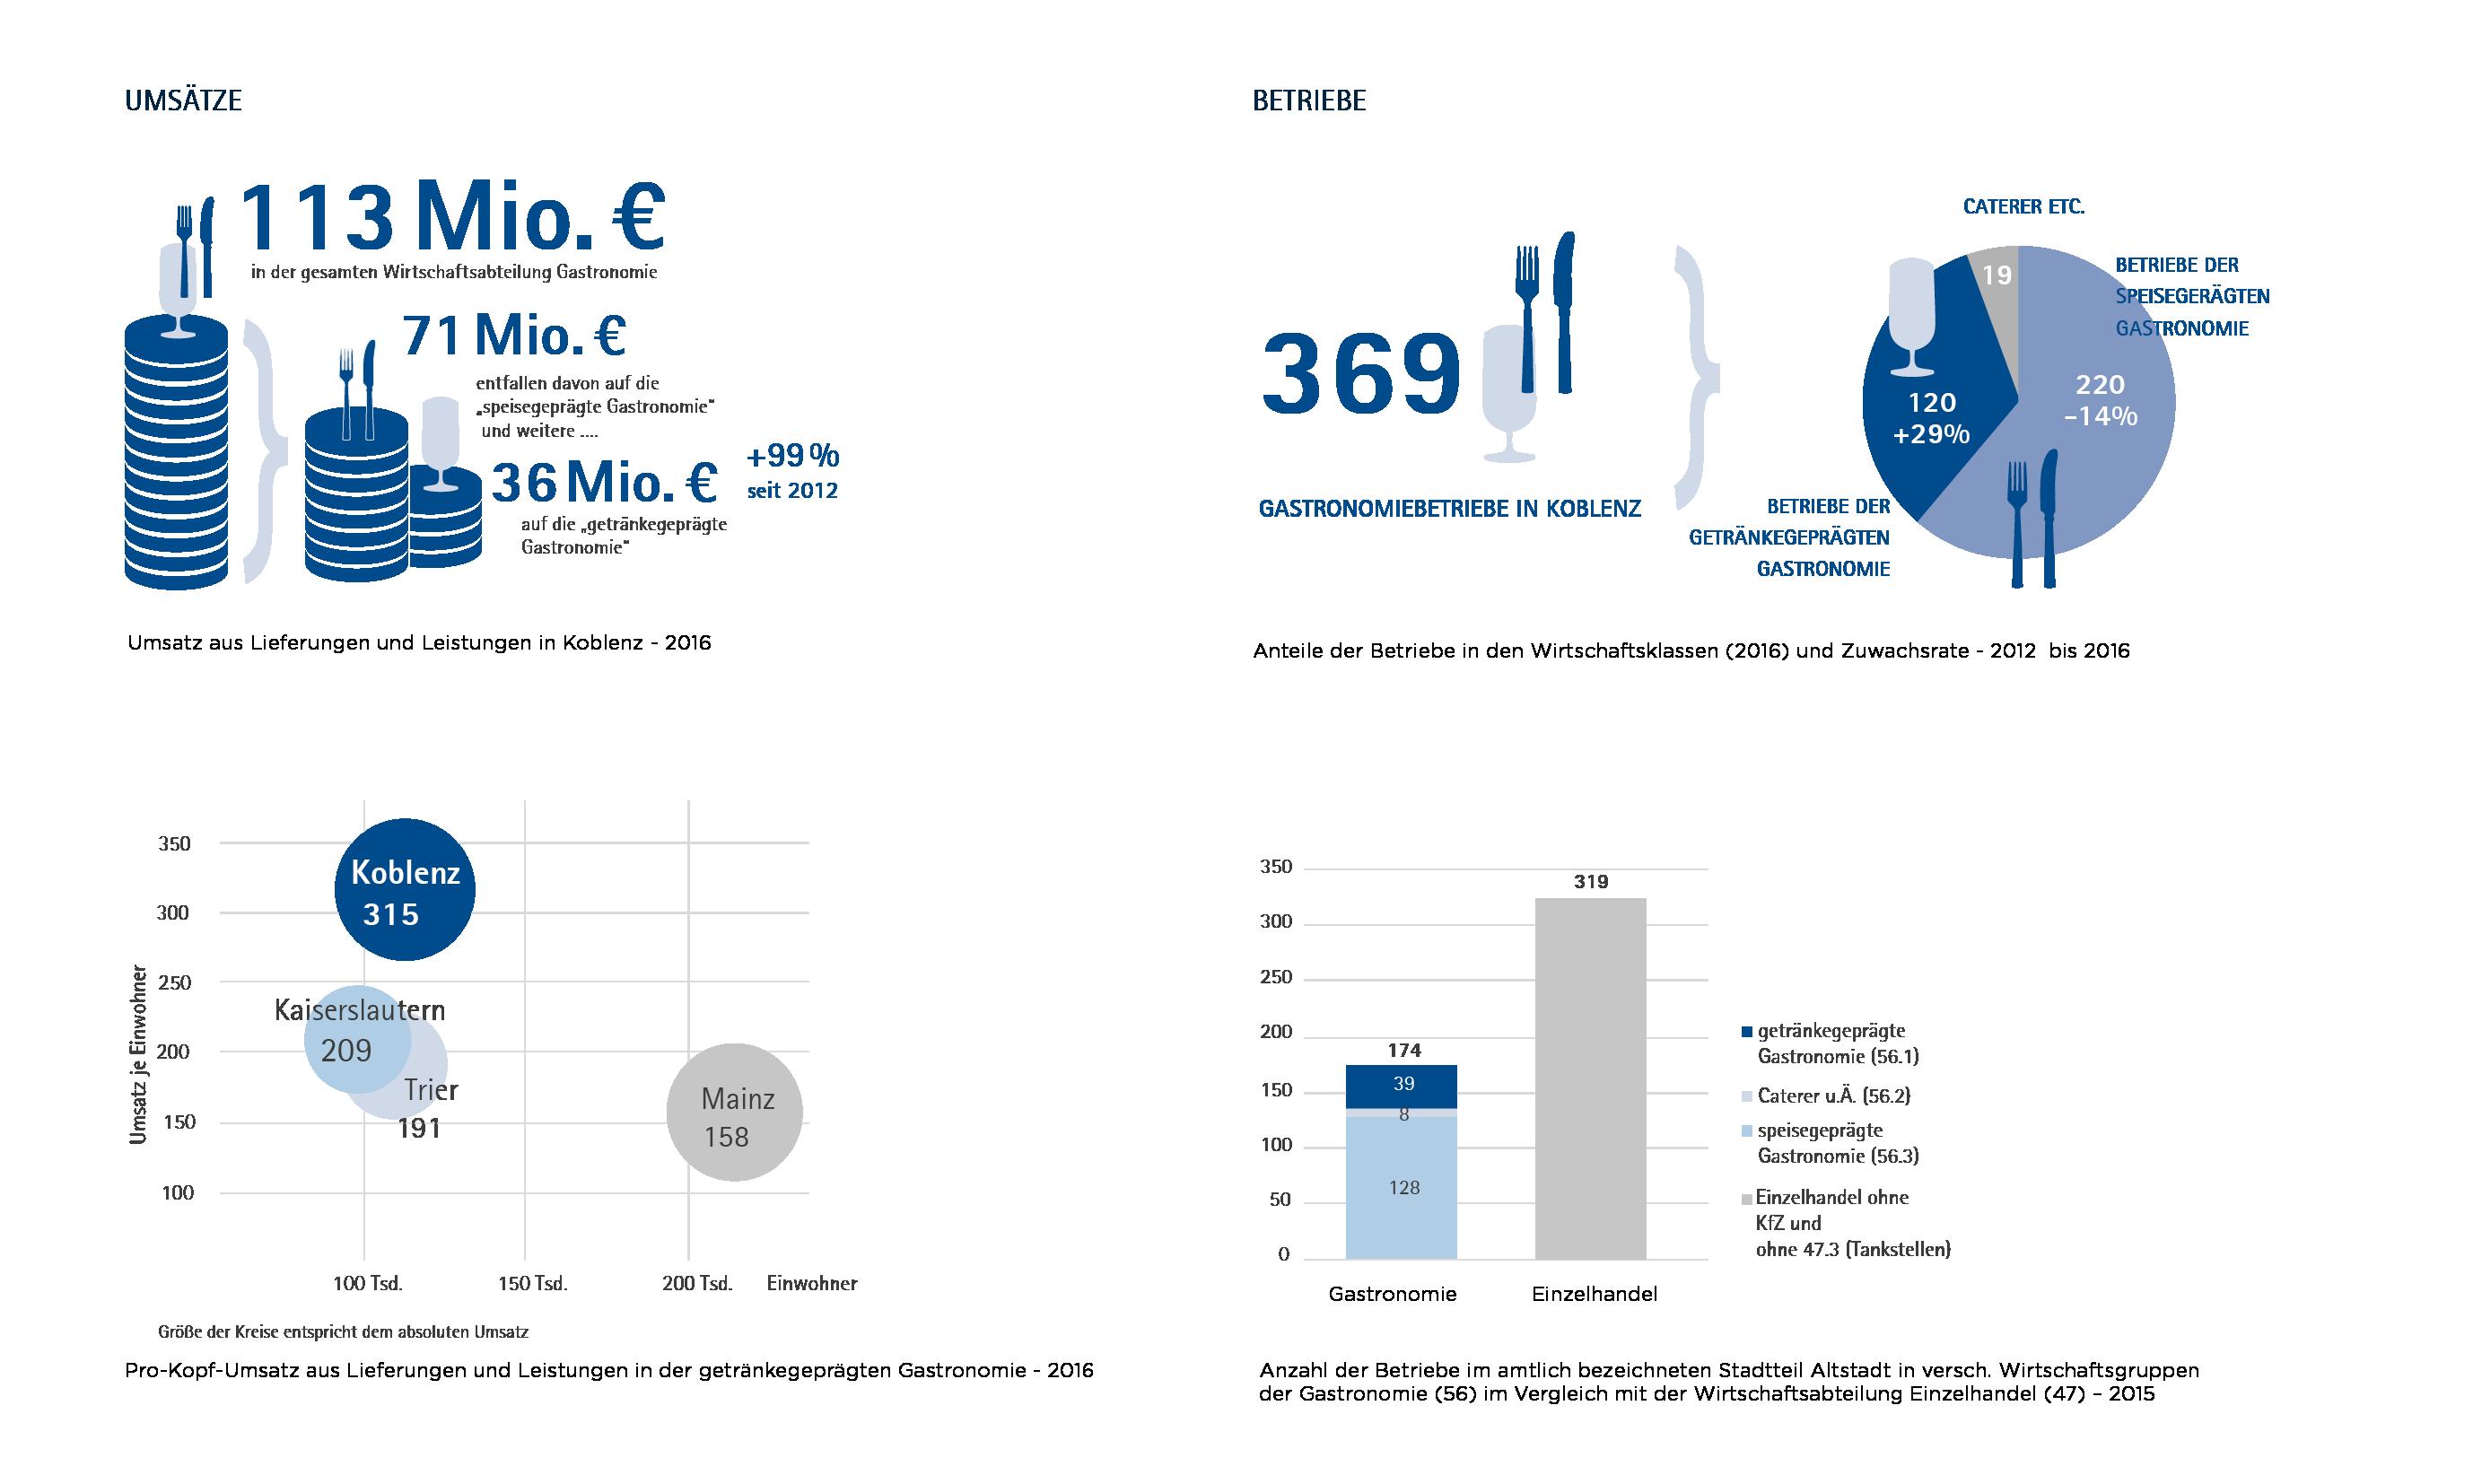 Auswertung statistischer Daten zu Umsätzen, Betrieben und Arbeitsmarkt